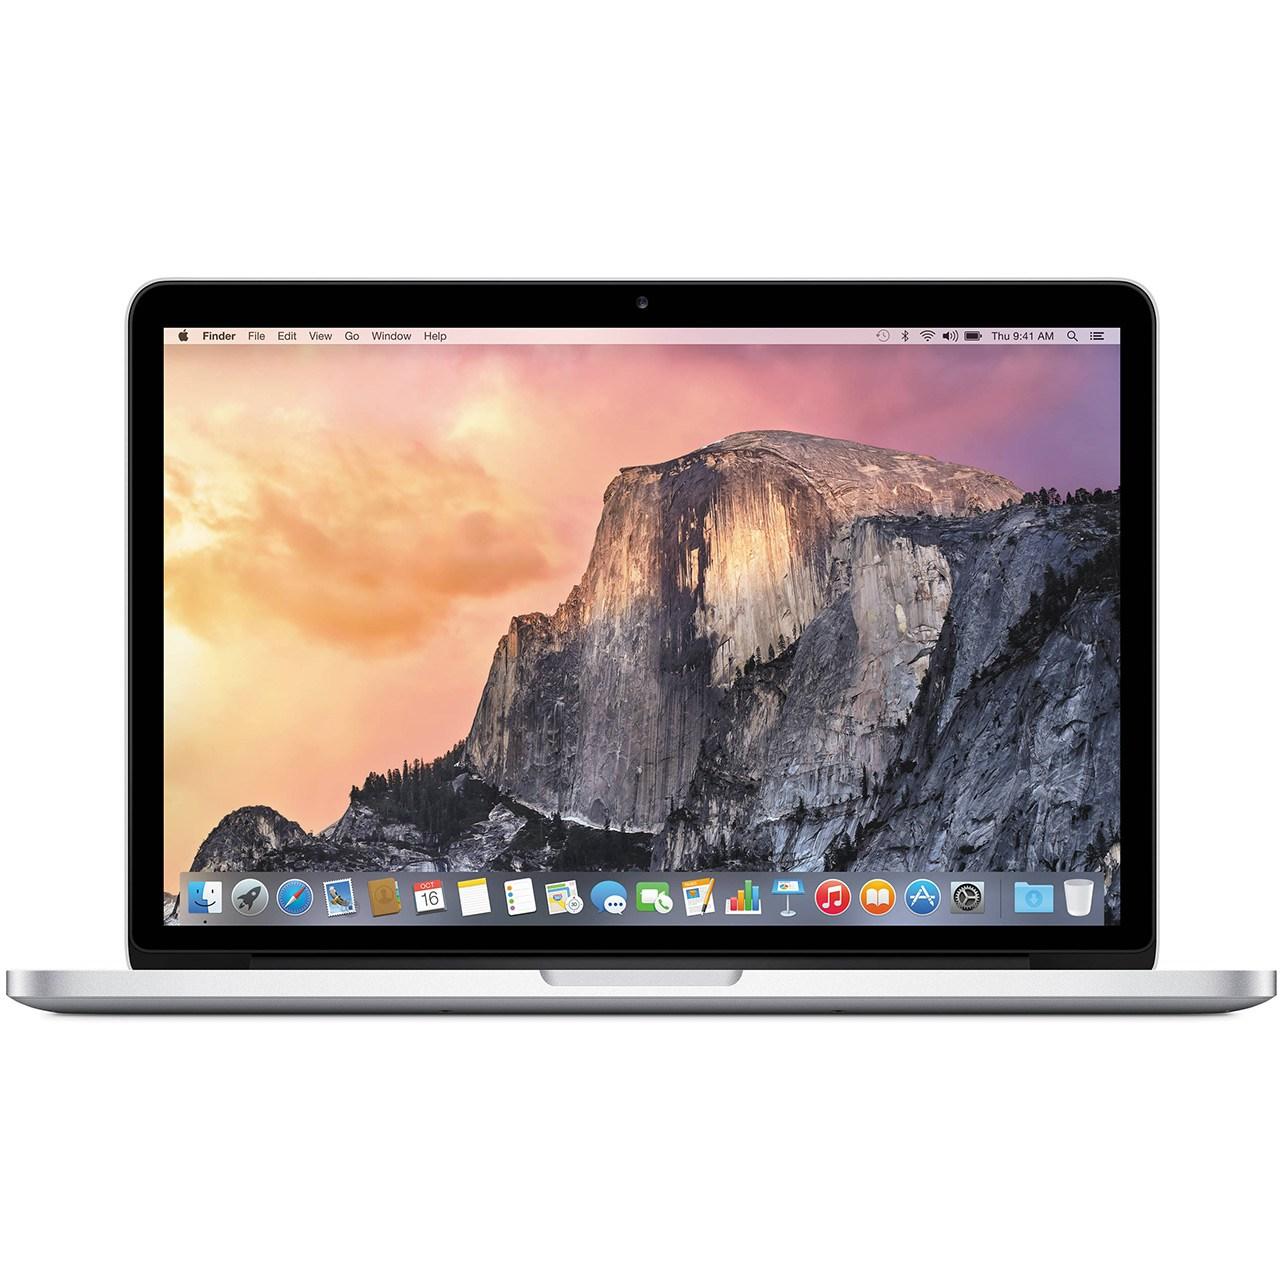 لپ تاپ 13 اینچی اپل مدل MacBook Pro MF839 با صفحه نمایش رتینا